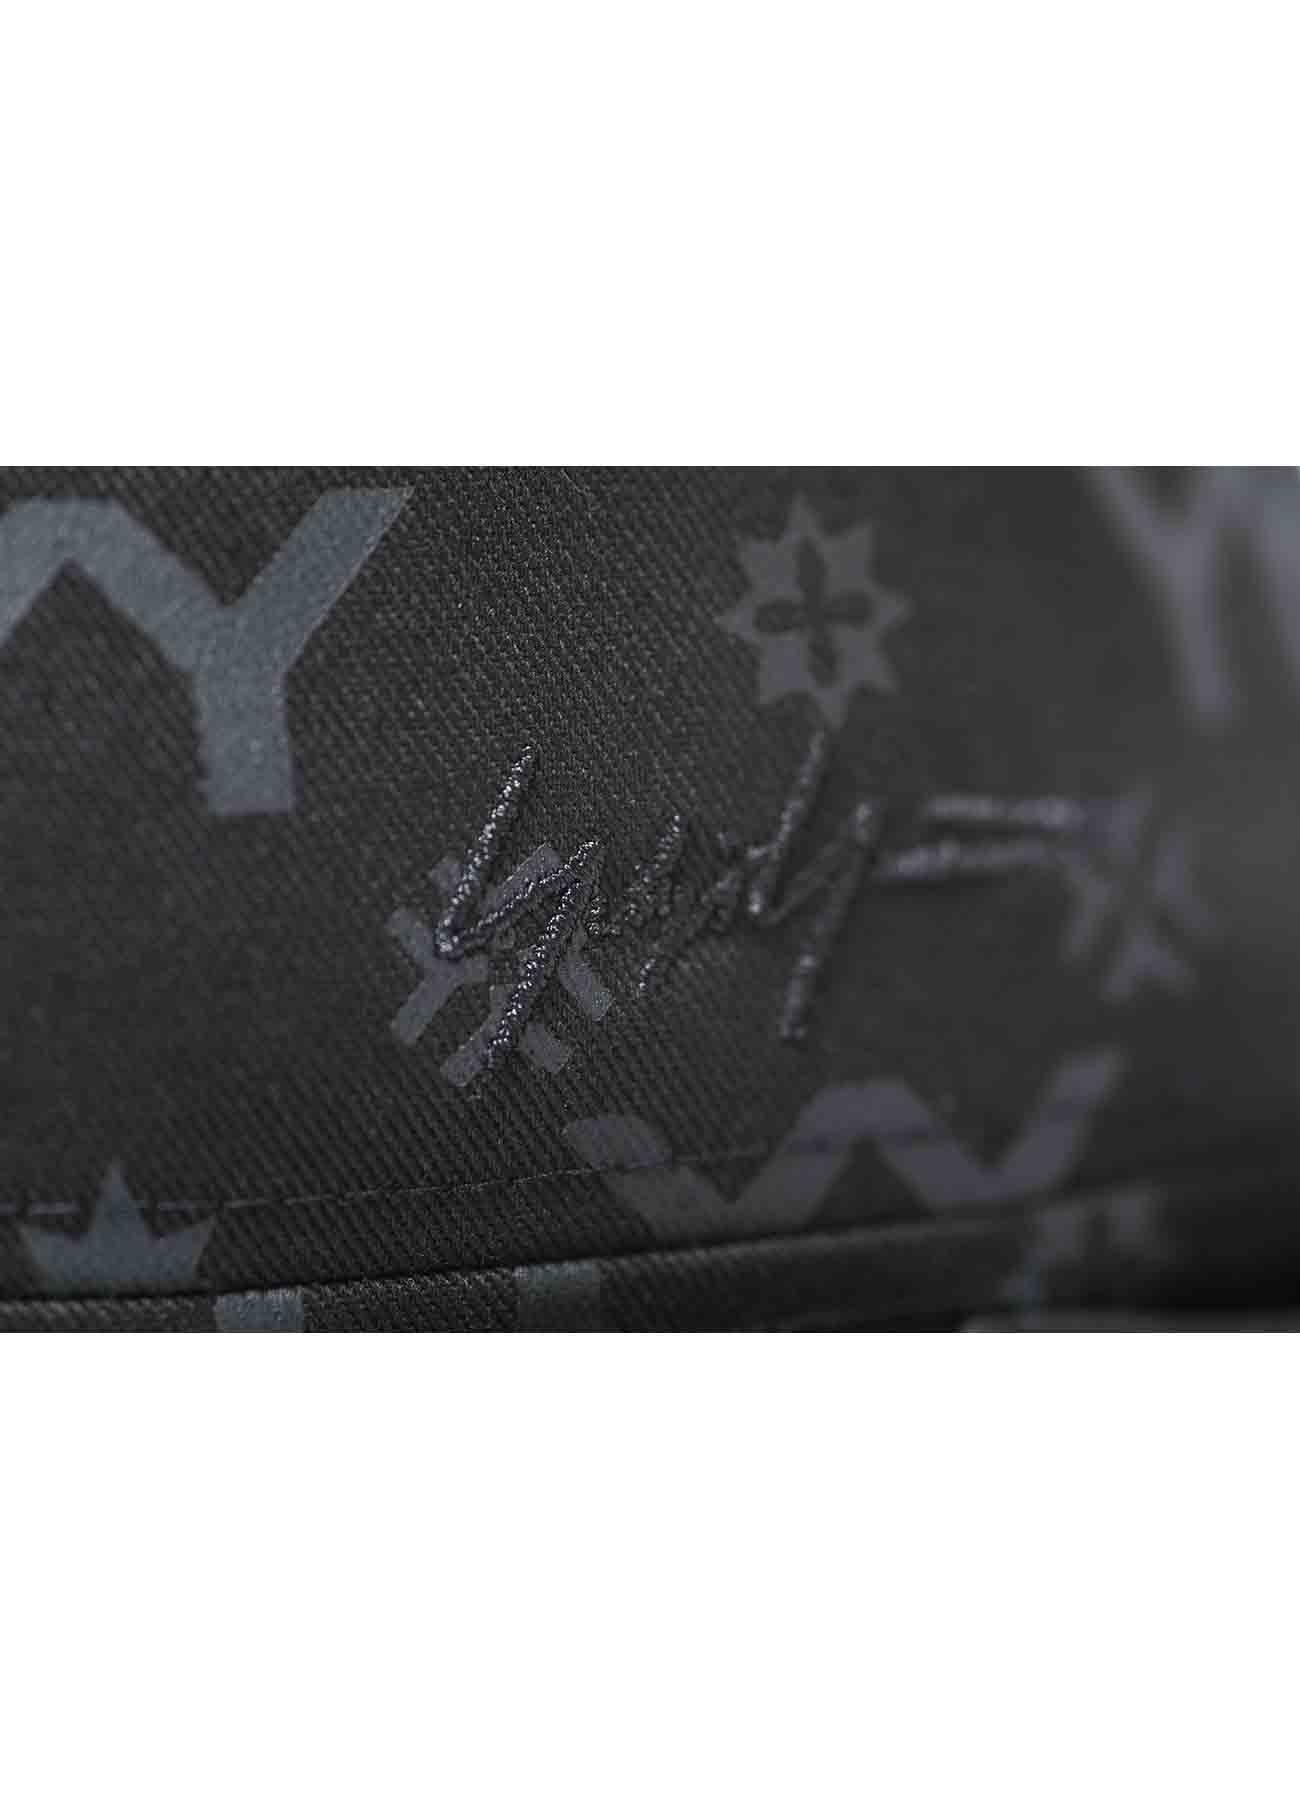 Yohji Yamamoto × New Era Adventure Monogram Print